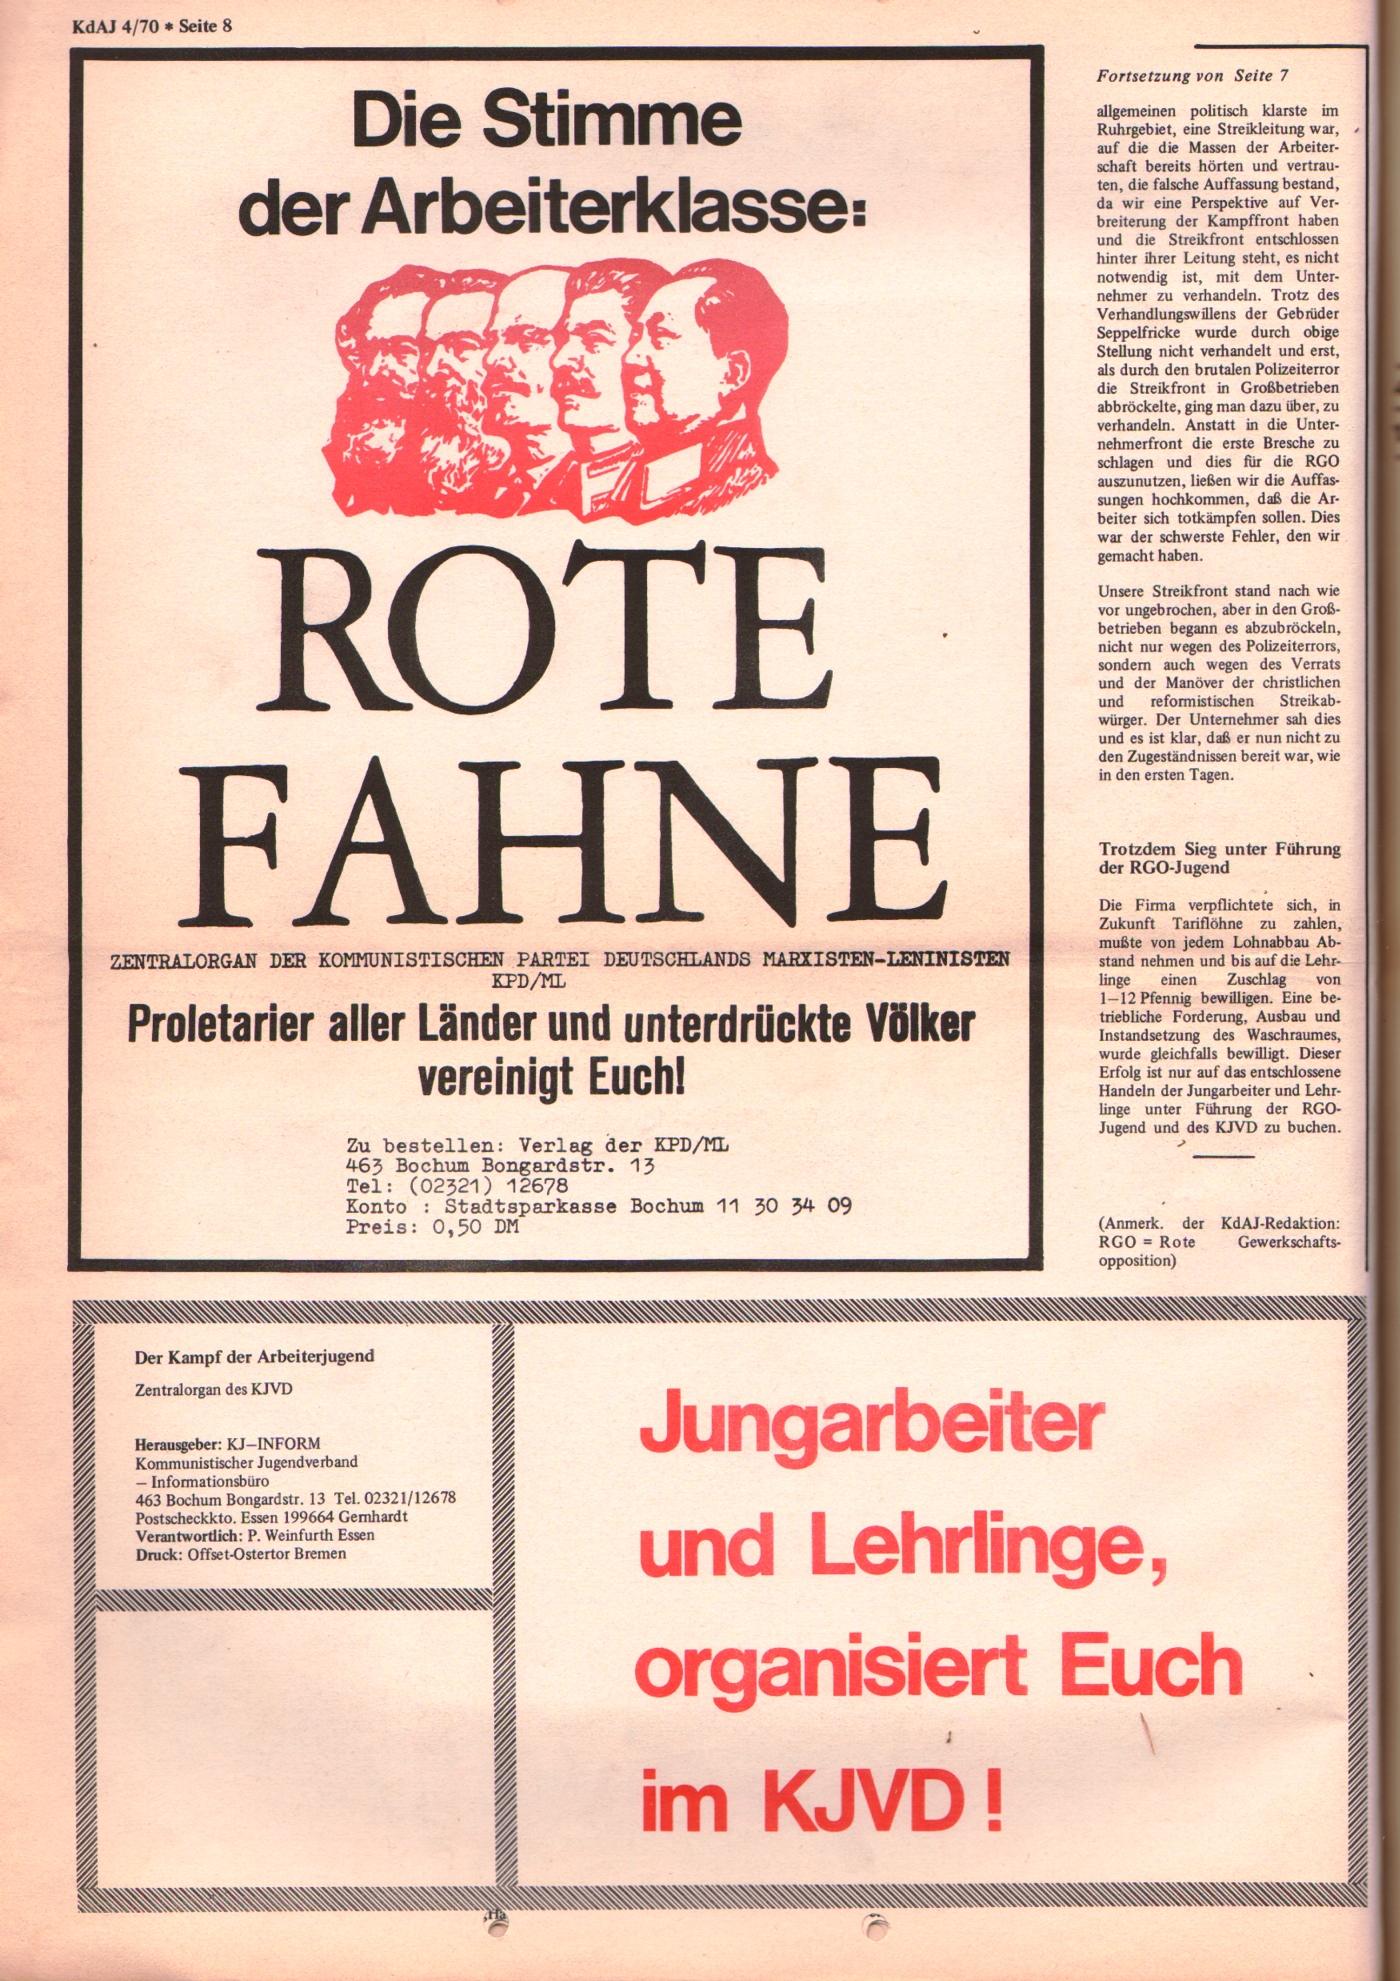 KDAJ, 1. Jg., September 1970, Nr. 4, Seite 8